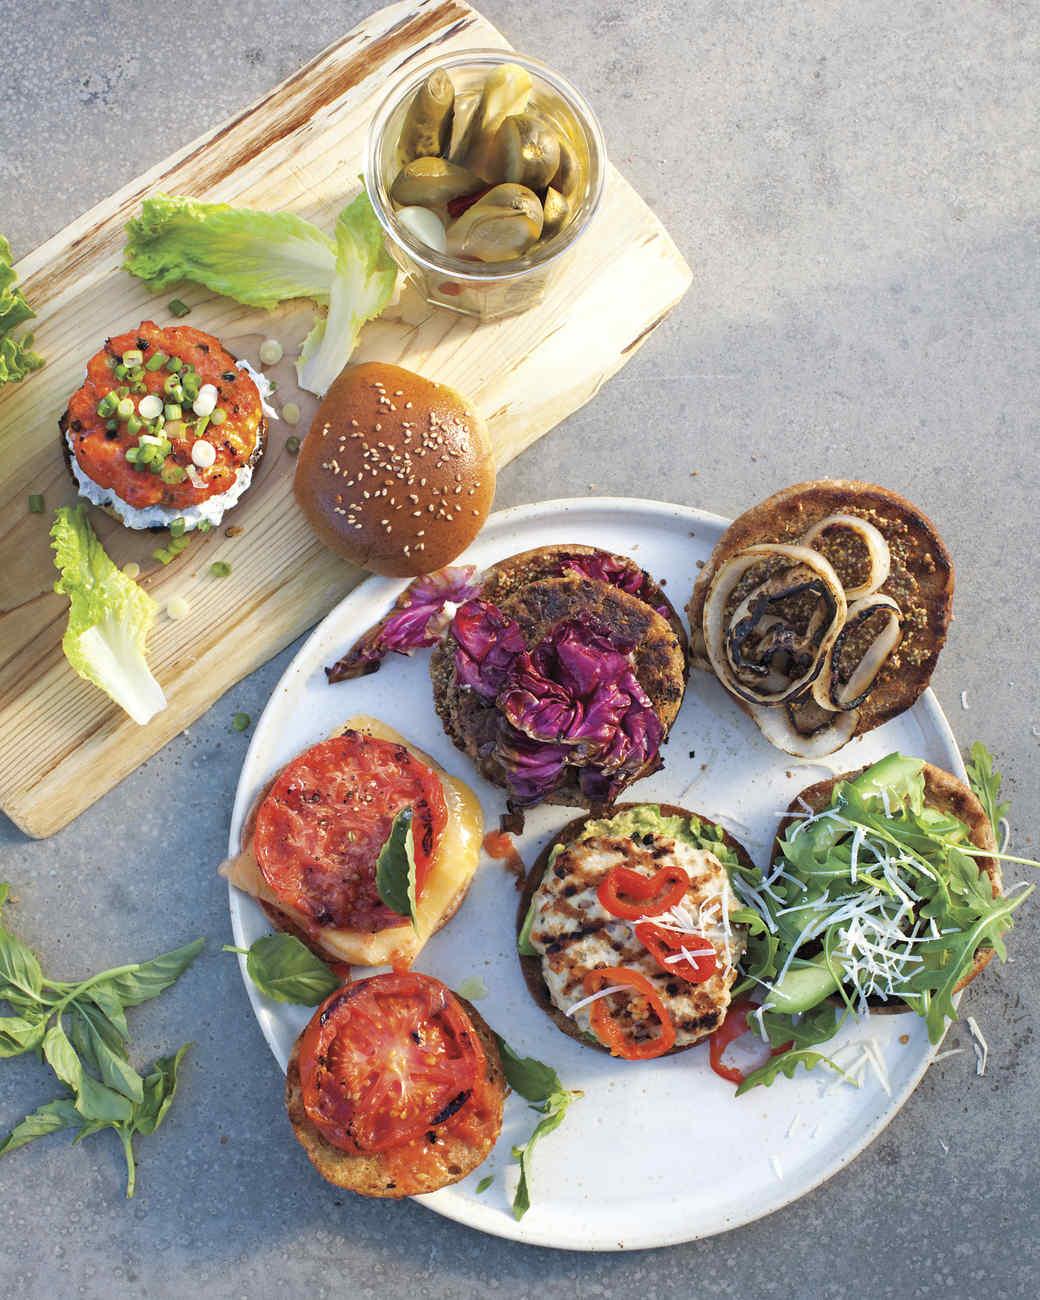 bbq-burgers-m108613.jpg